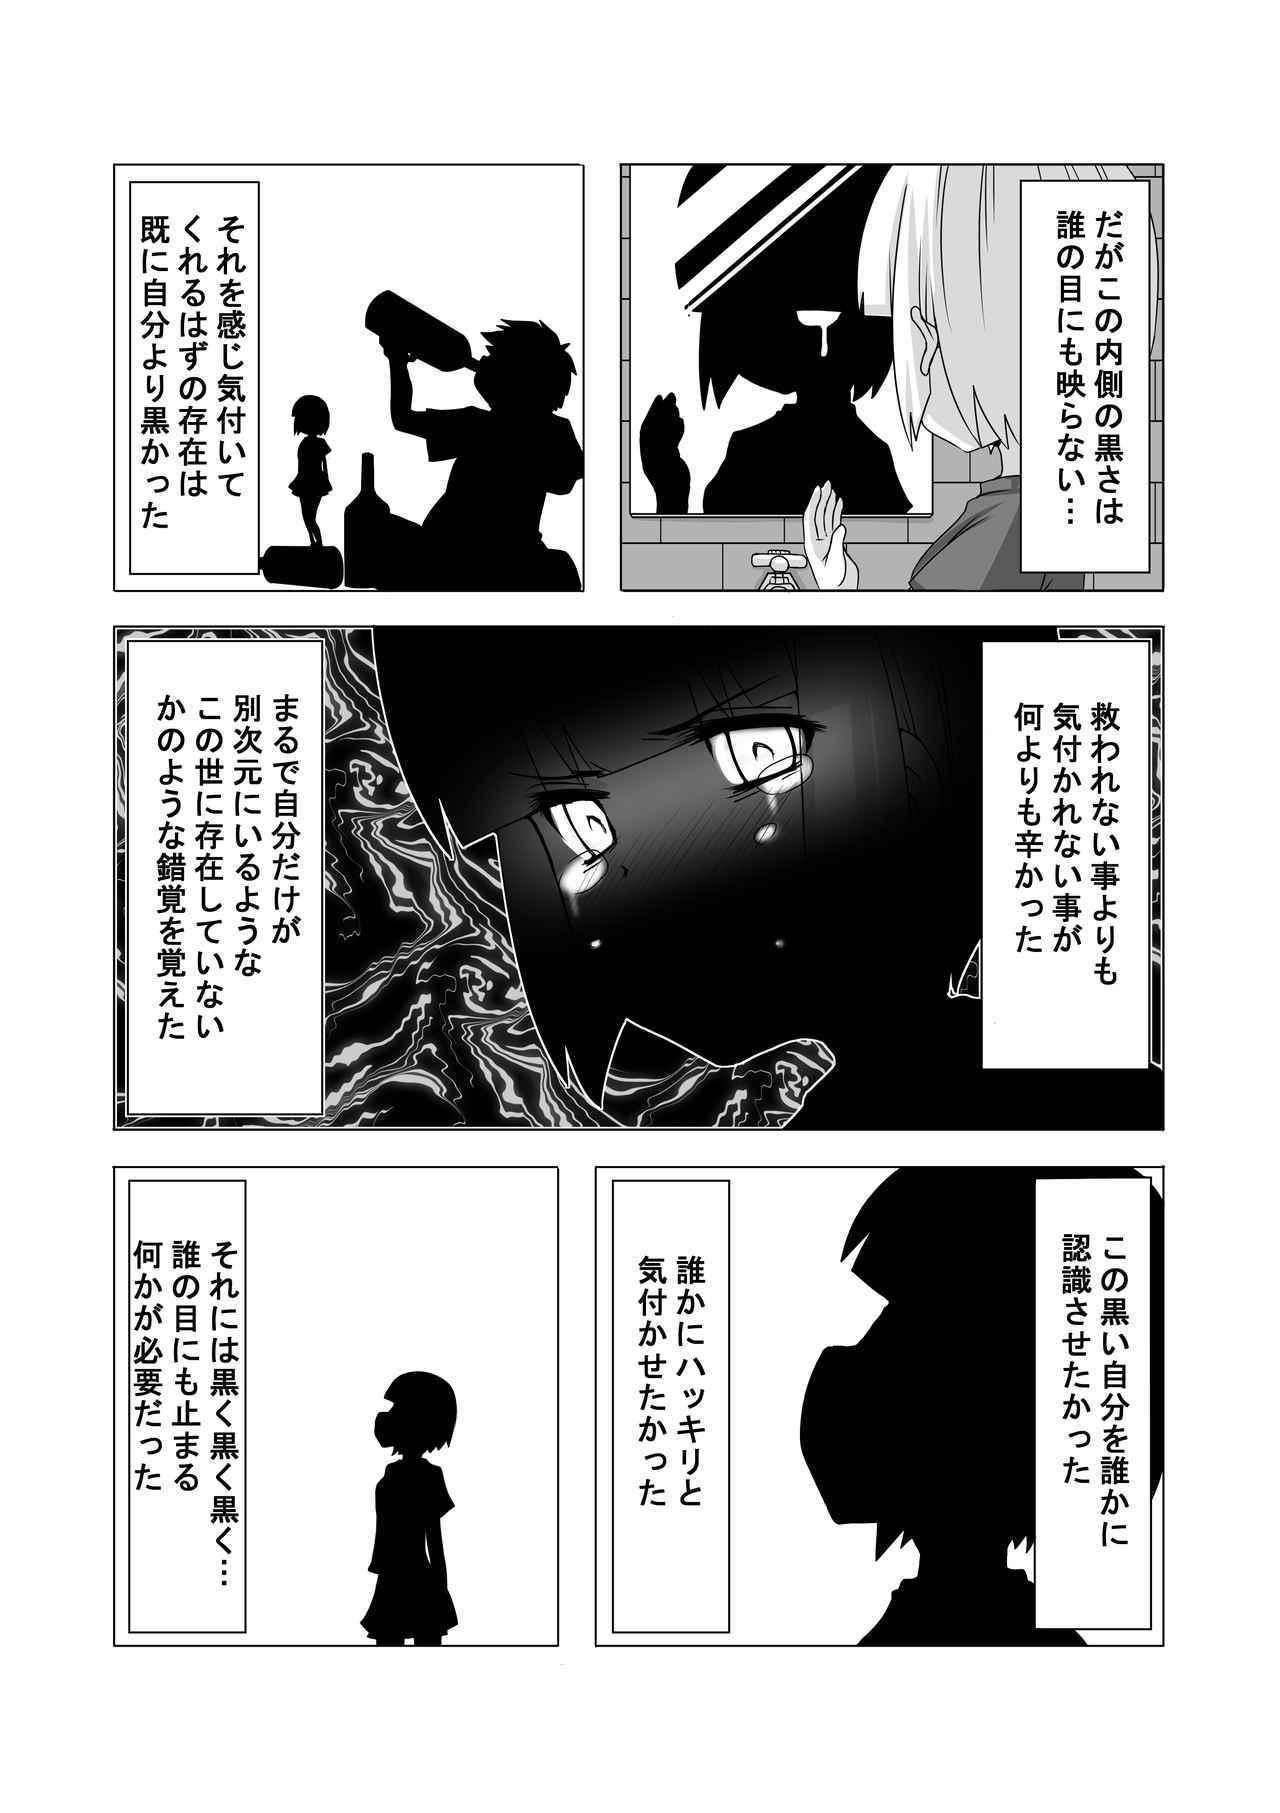 画像4: 【連載】馬場郁子がこよなくバイクを愛す理由(第六話:武里久子がこよなくバイクを愛すワケ)作:鈴木秀吉